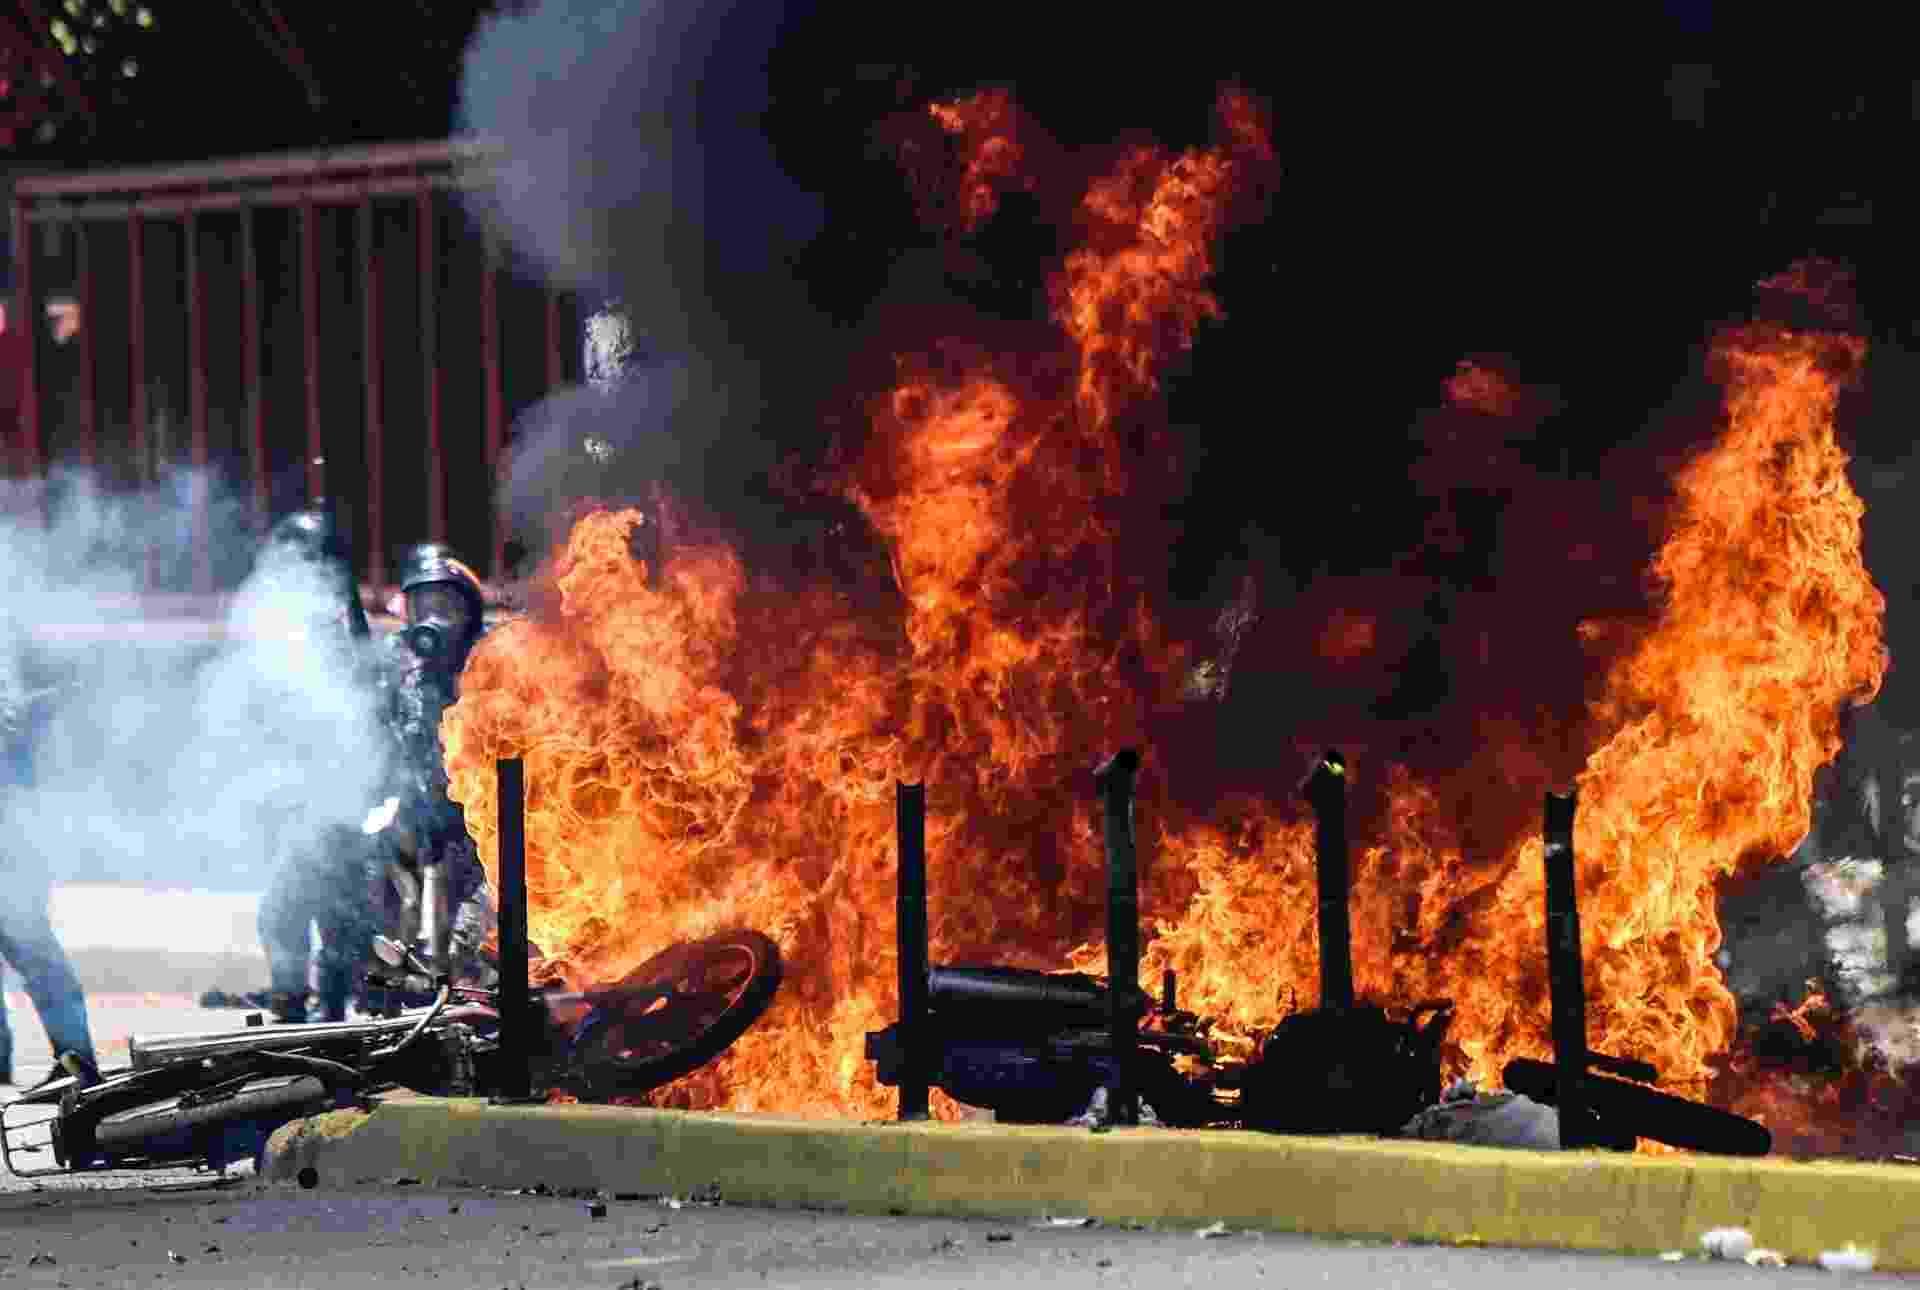 30.jul.2017 - Motocicletas da polícia queimam durante Constituinte - Juan Barreto/AFP